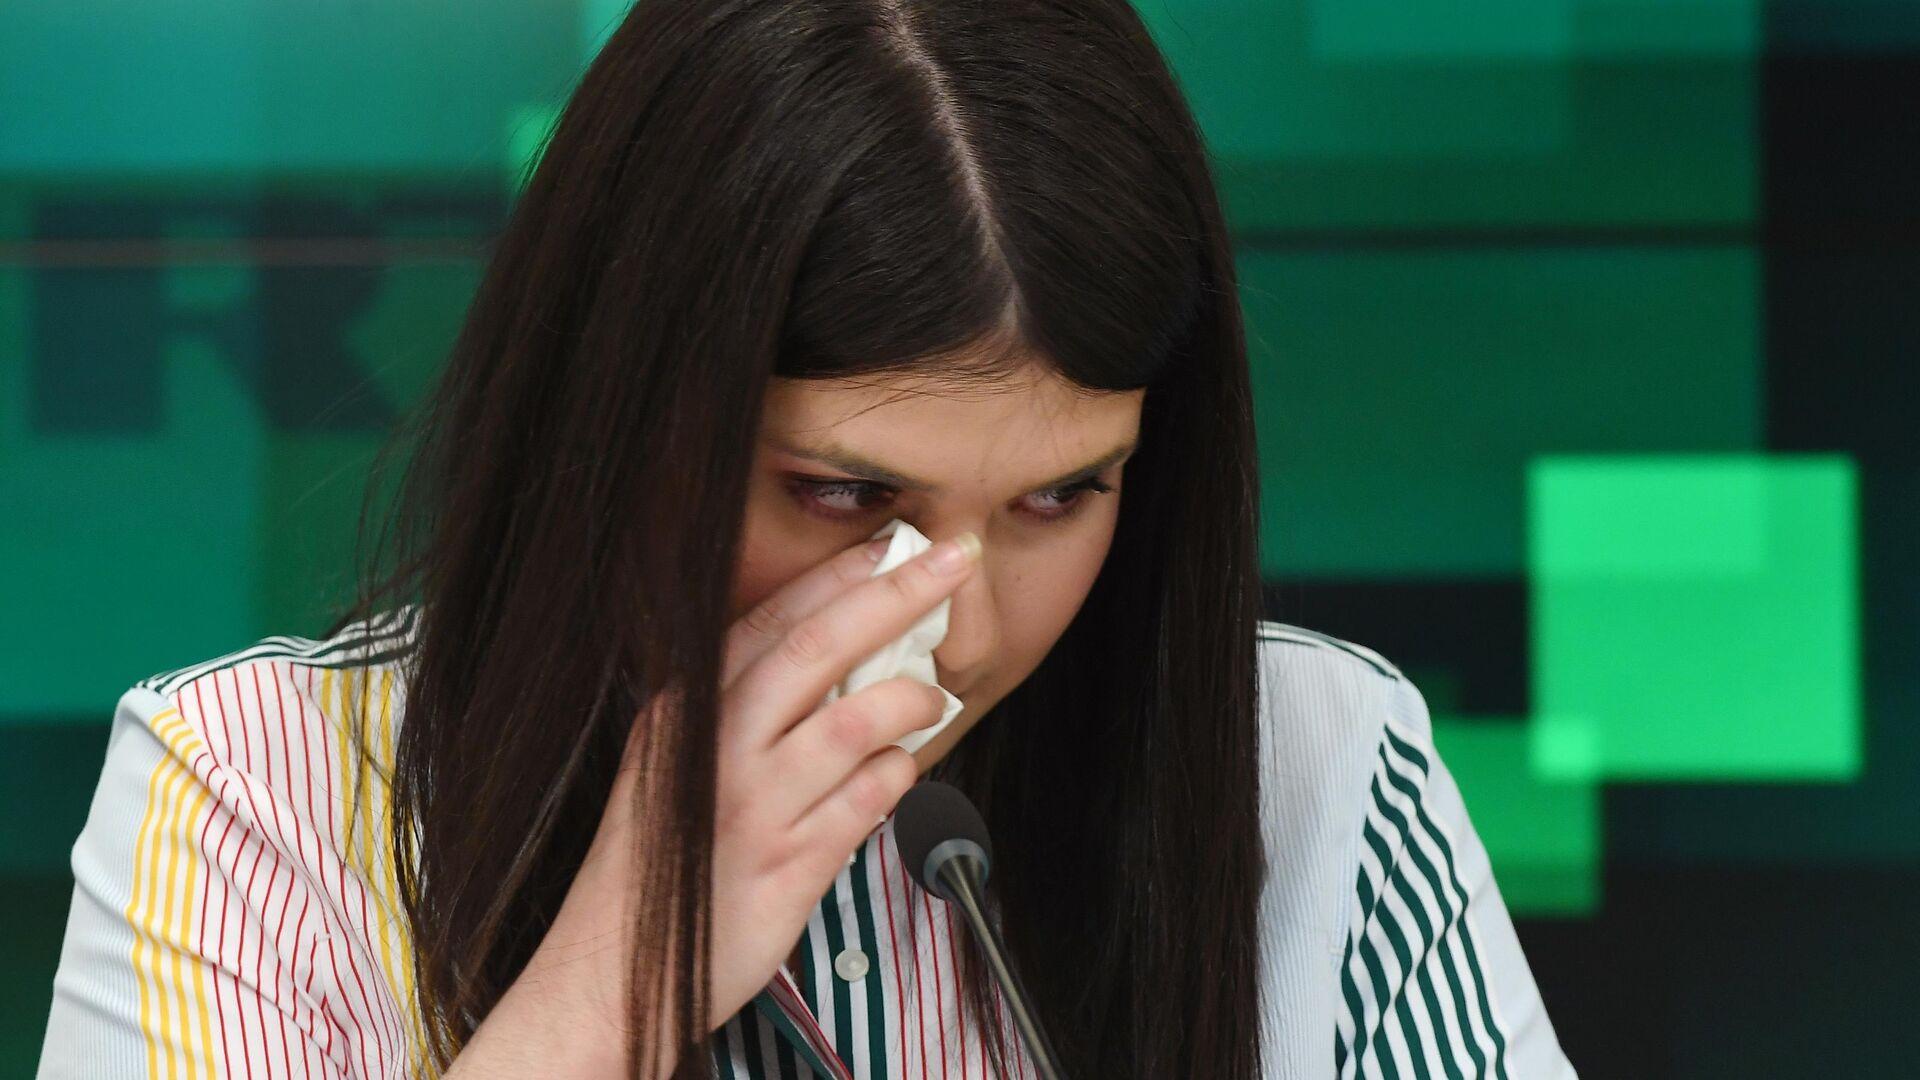 Варвара Караулова во время пресс-конференции в МИА Россия сегодня - РИА Новости, 1920, 30.04.2019